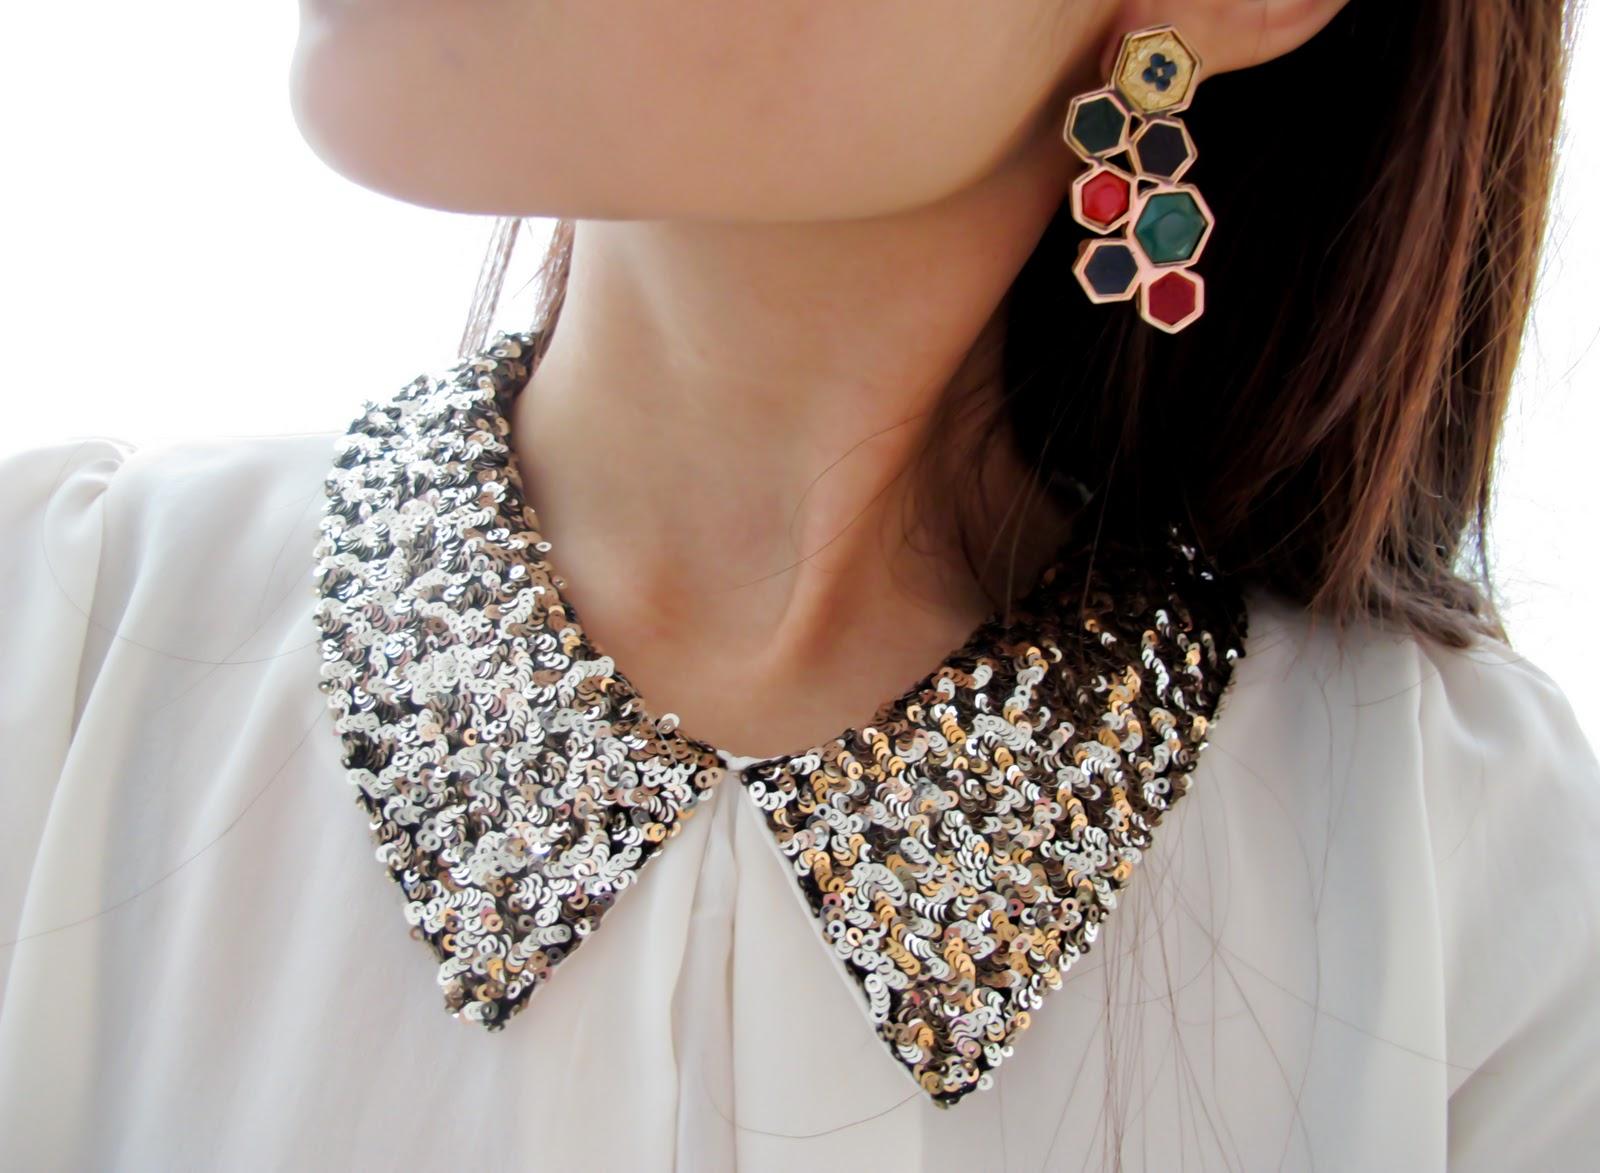 http://1.bp.blogspot.com/-ZUeUR1ixQrM/TvhYD4aWQDI/AAAAAAAAAlY/0CtnEreQdtI/s1600/sequin+collar-1339.jpg